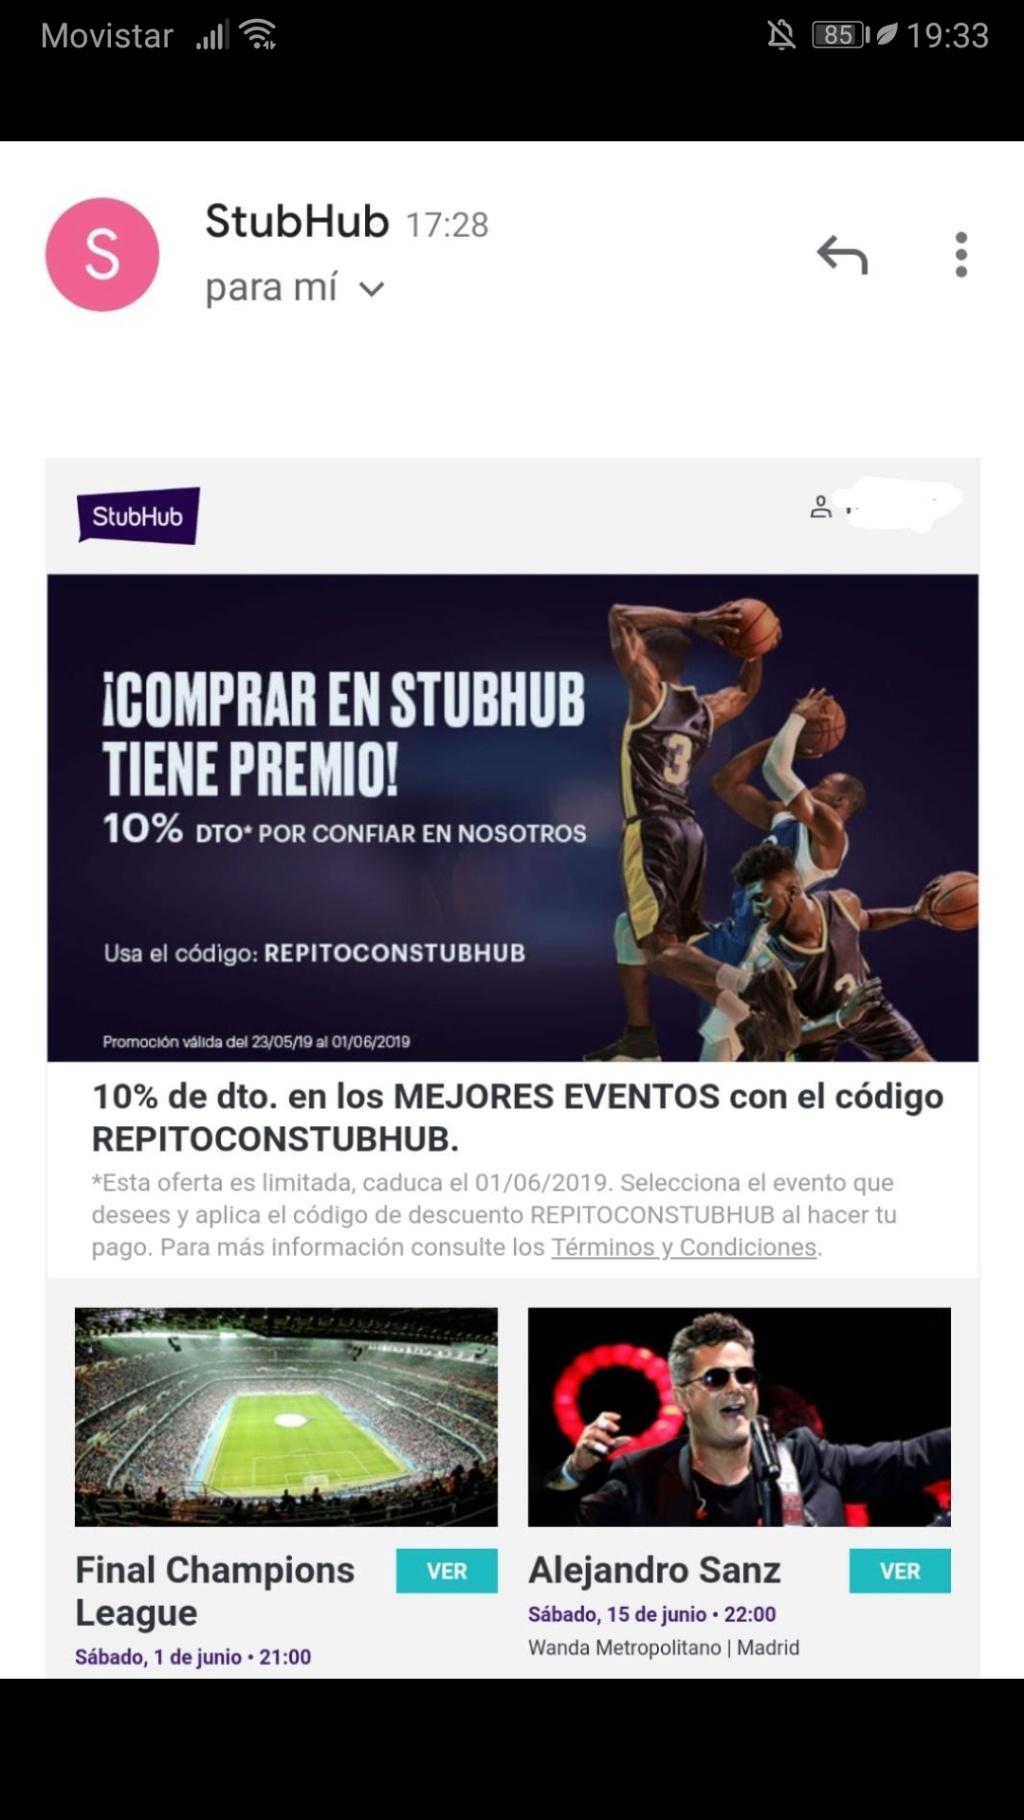 BBK LIVE 2019 (11, 12 y 13 DE JULIO): CIERRE DE CARTEL INMINENTE ¿SE VIENE? BONOS A 160€+gastos - Página 2 Screen12